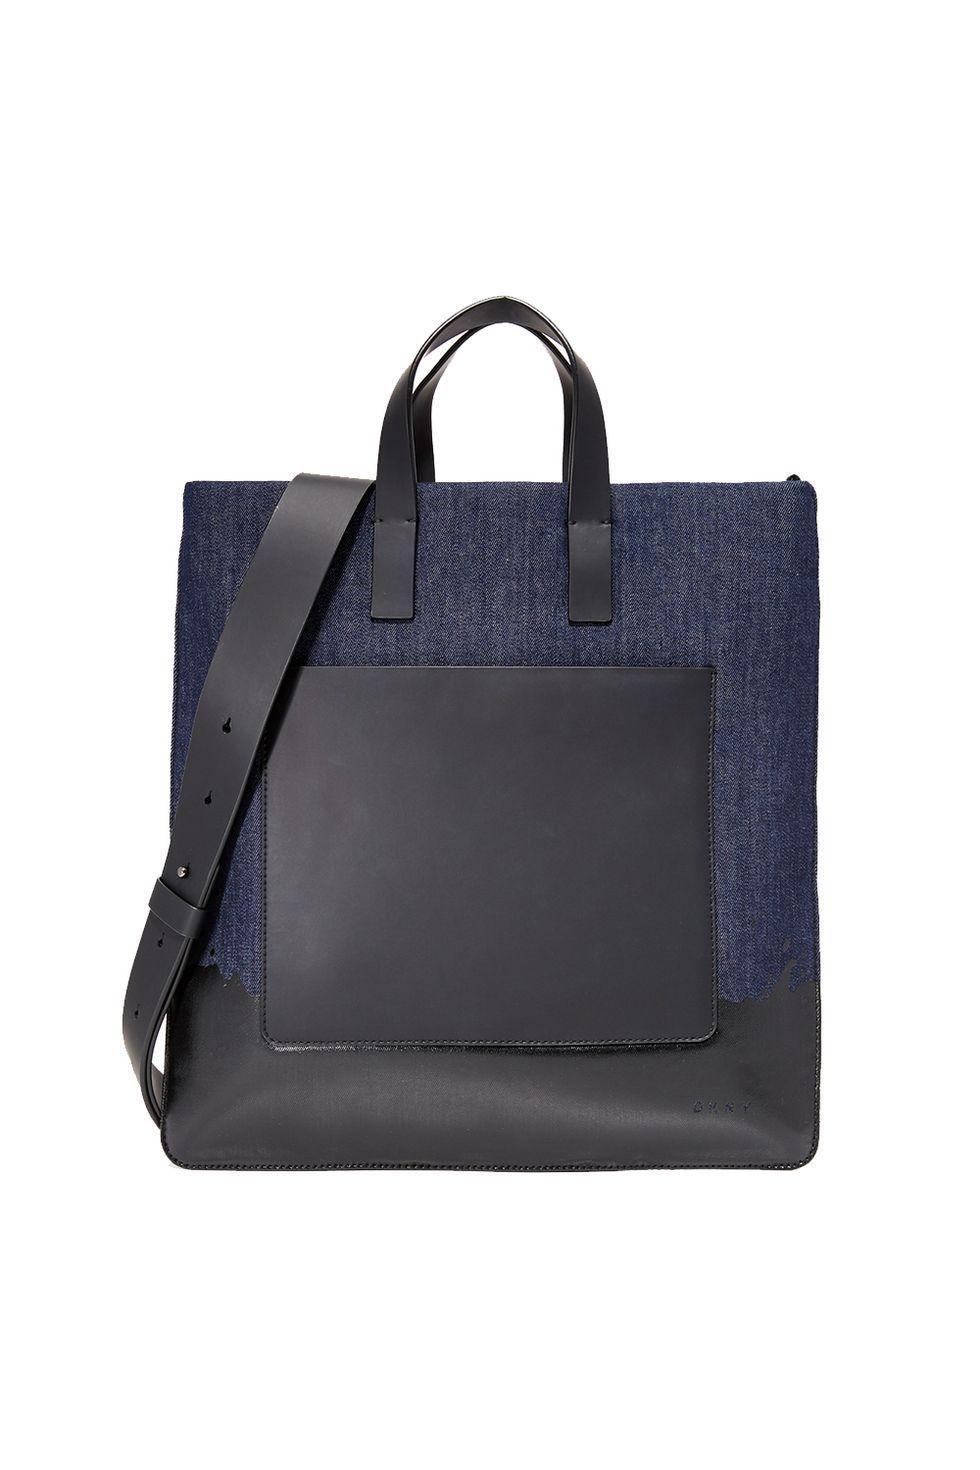 Best Design Laptop Bags- Fenix Toulouse Handball 9c7ad8fecaf3e